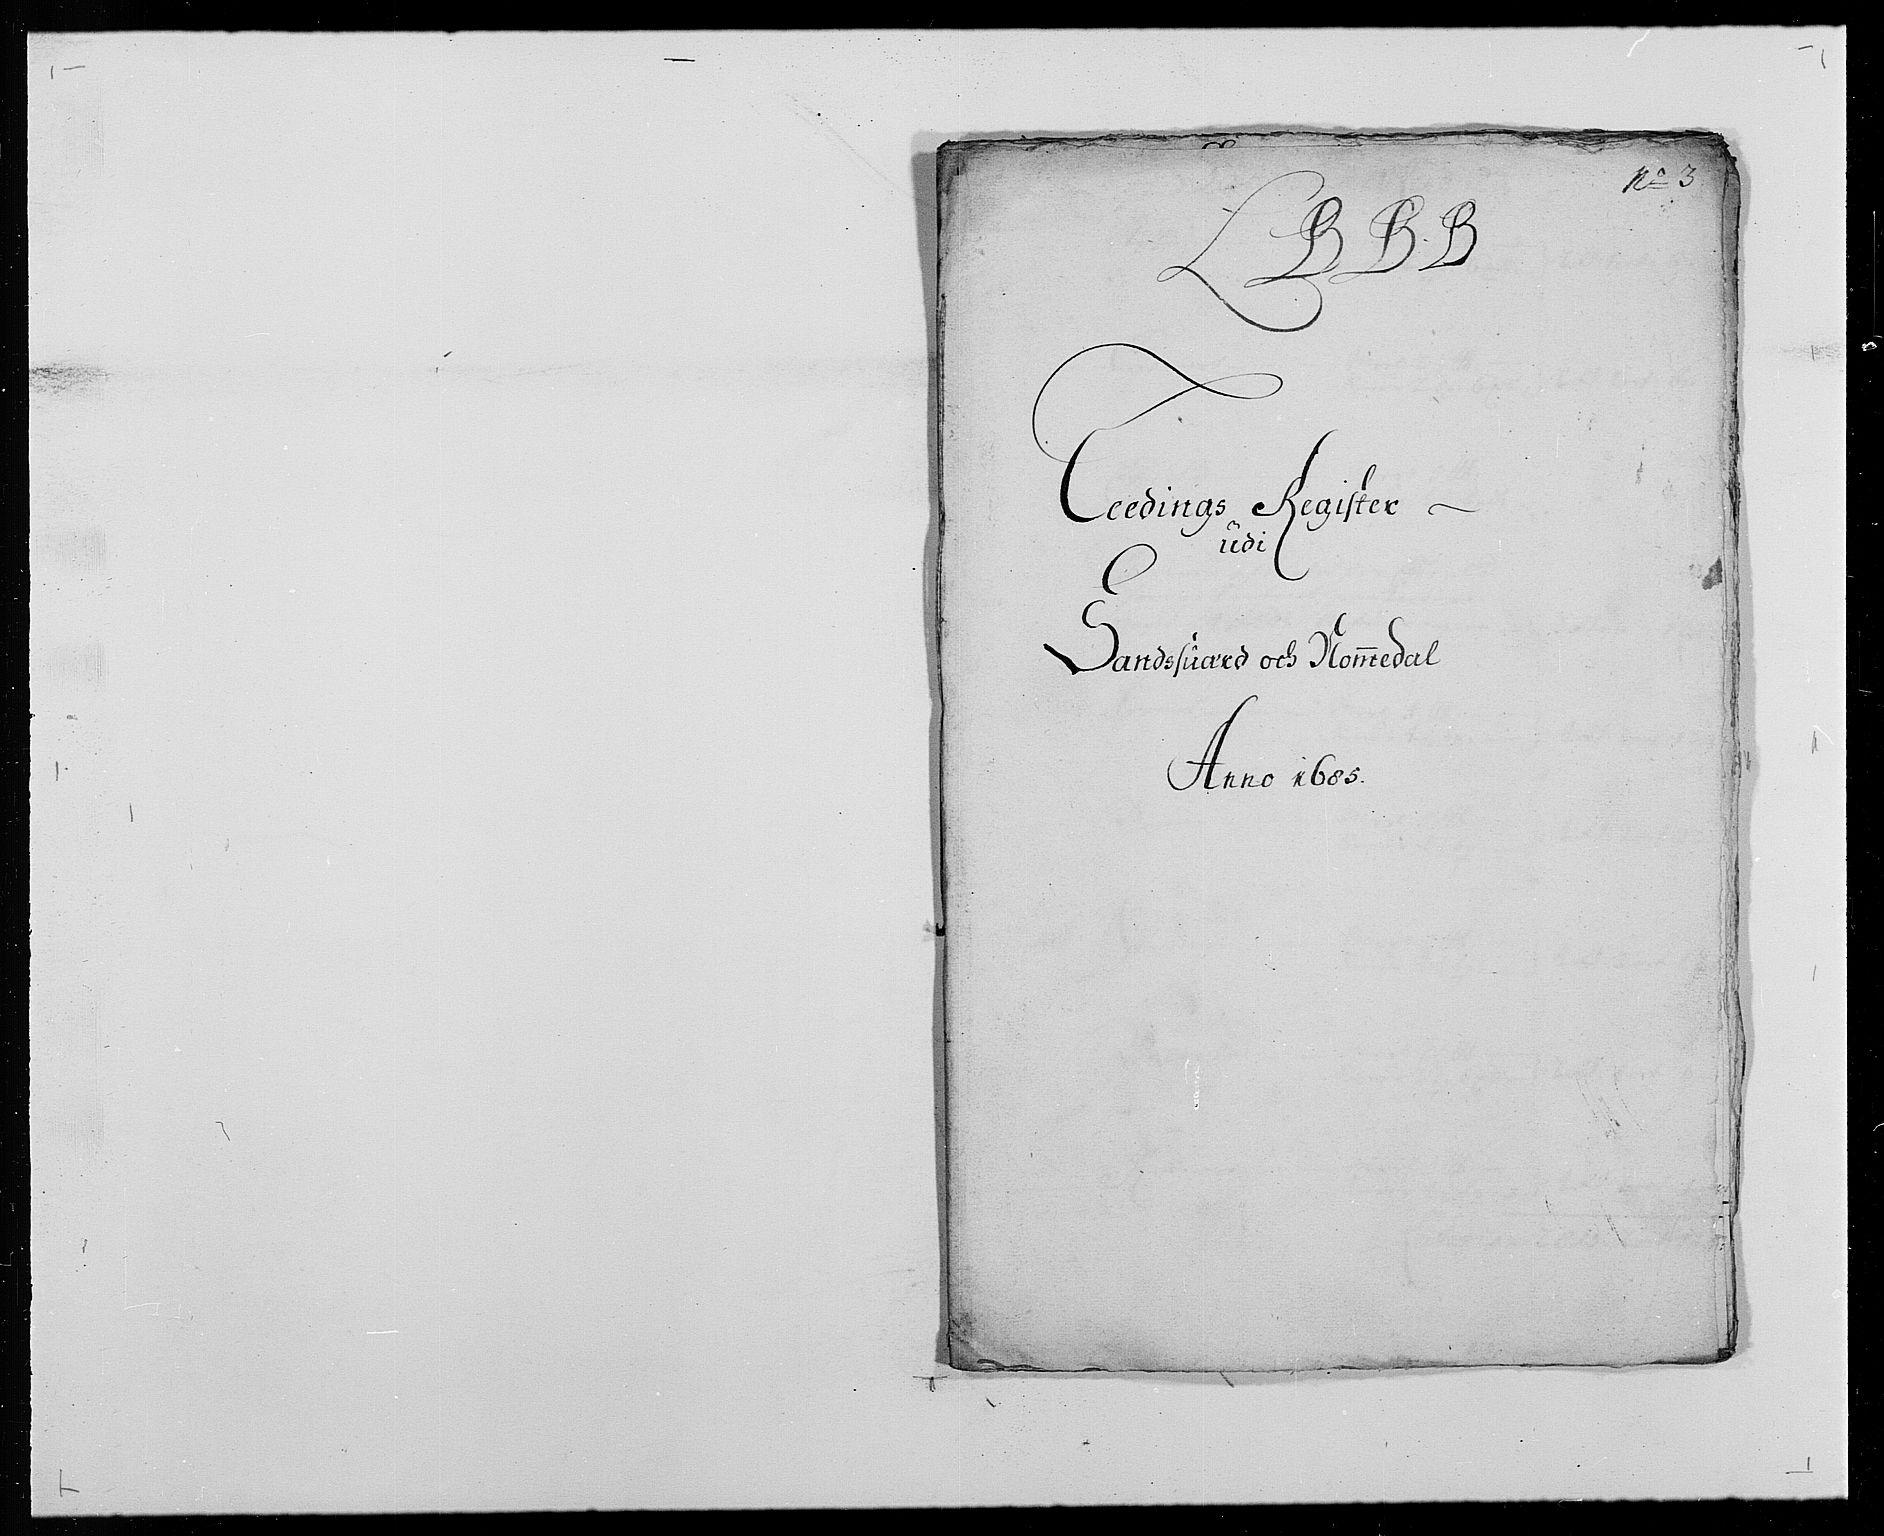 RA, Rentekammeret inntil 1814, Reviderte regnskaper, Fogderegnskap, R24/L1571: Fogderegnskap Numedal og Sandsvær, 1679-1686, s. 241